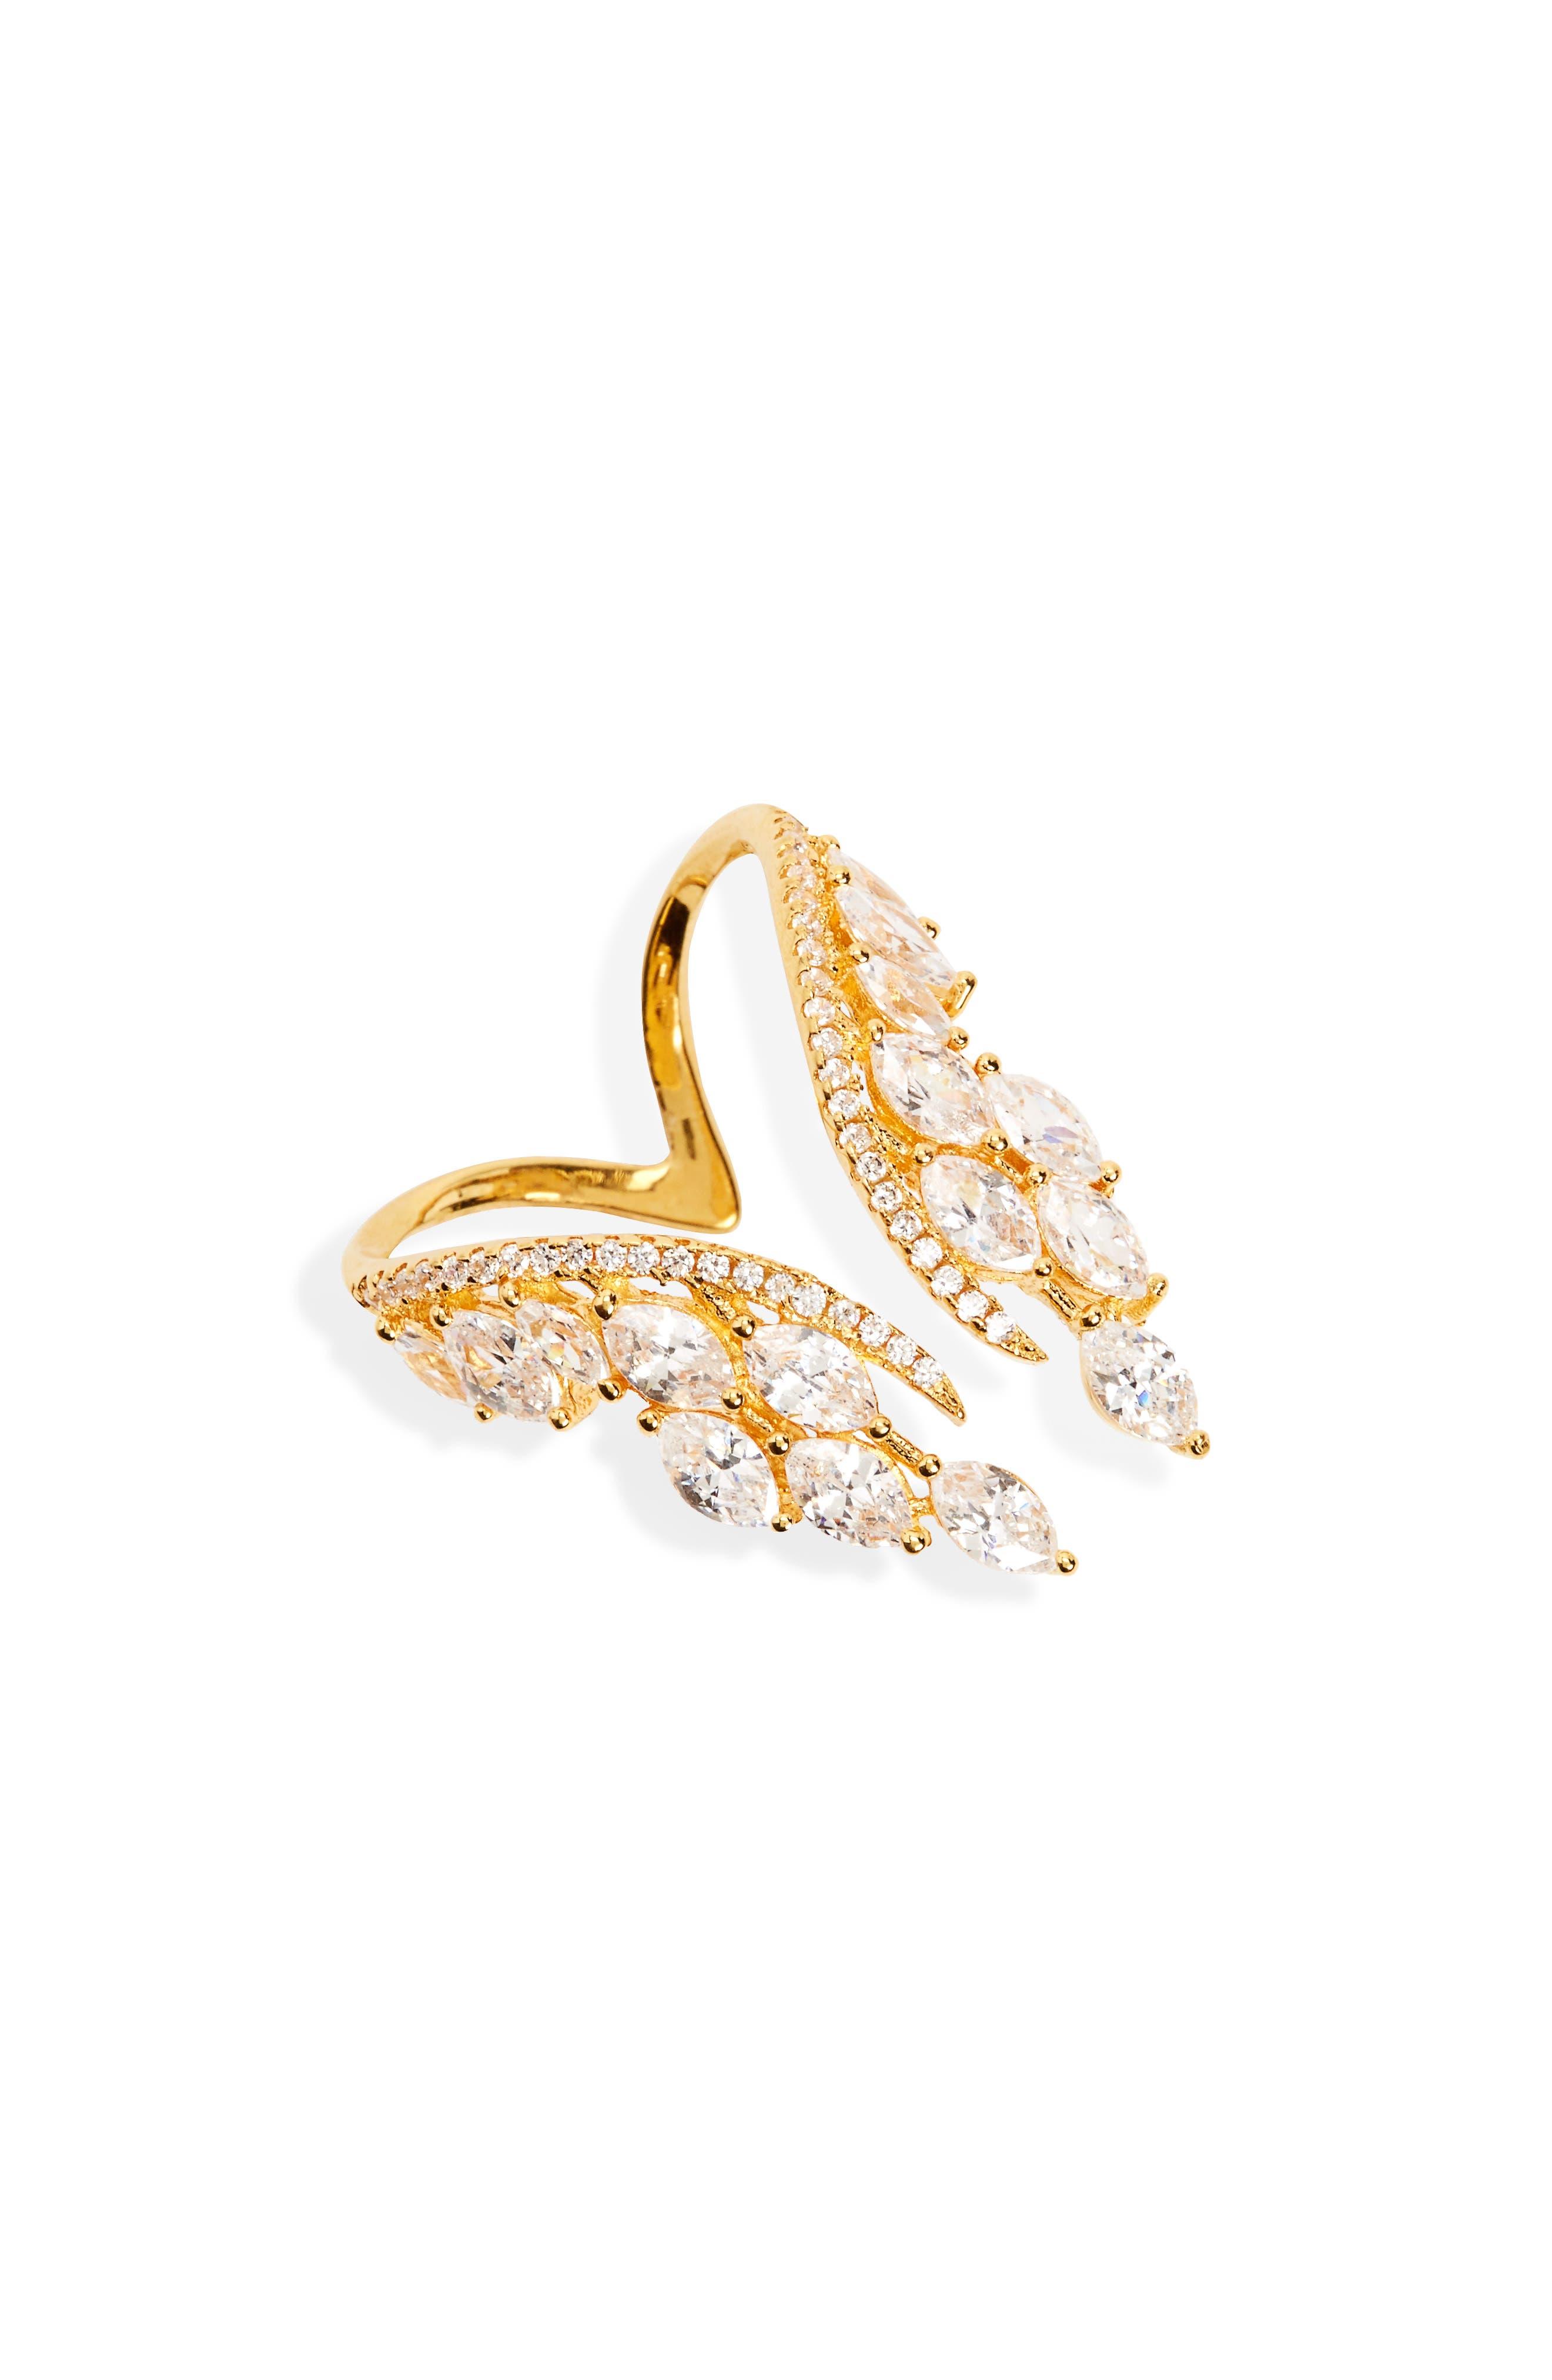 Shashi Isabella Crystal Wing Ring